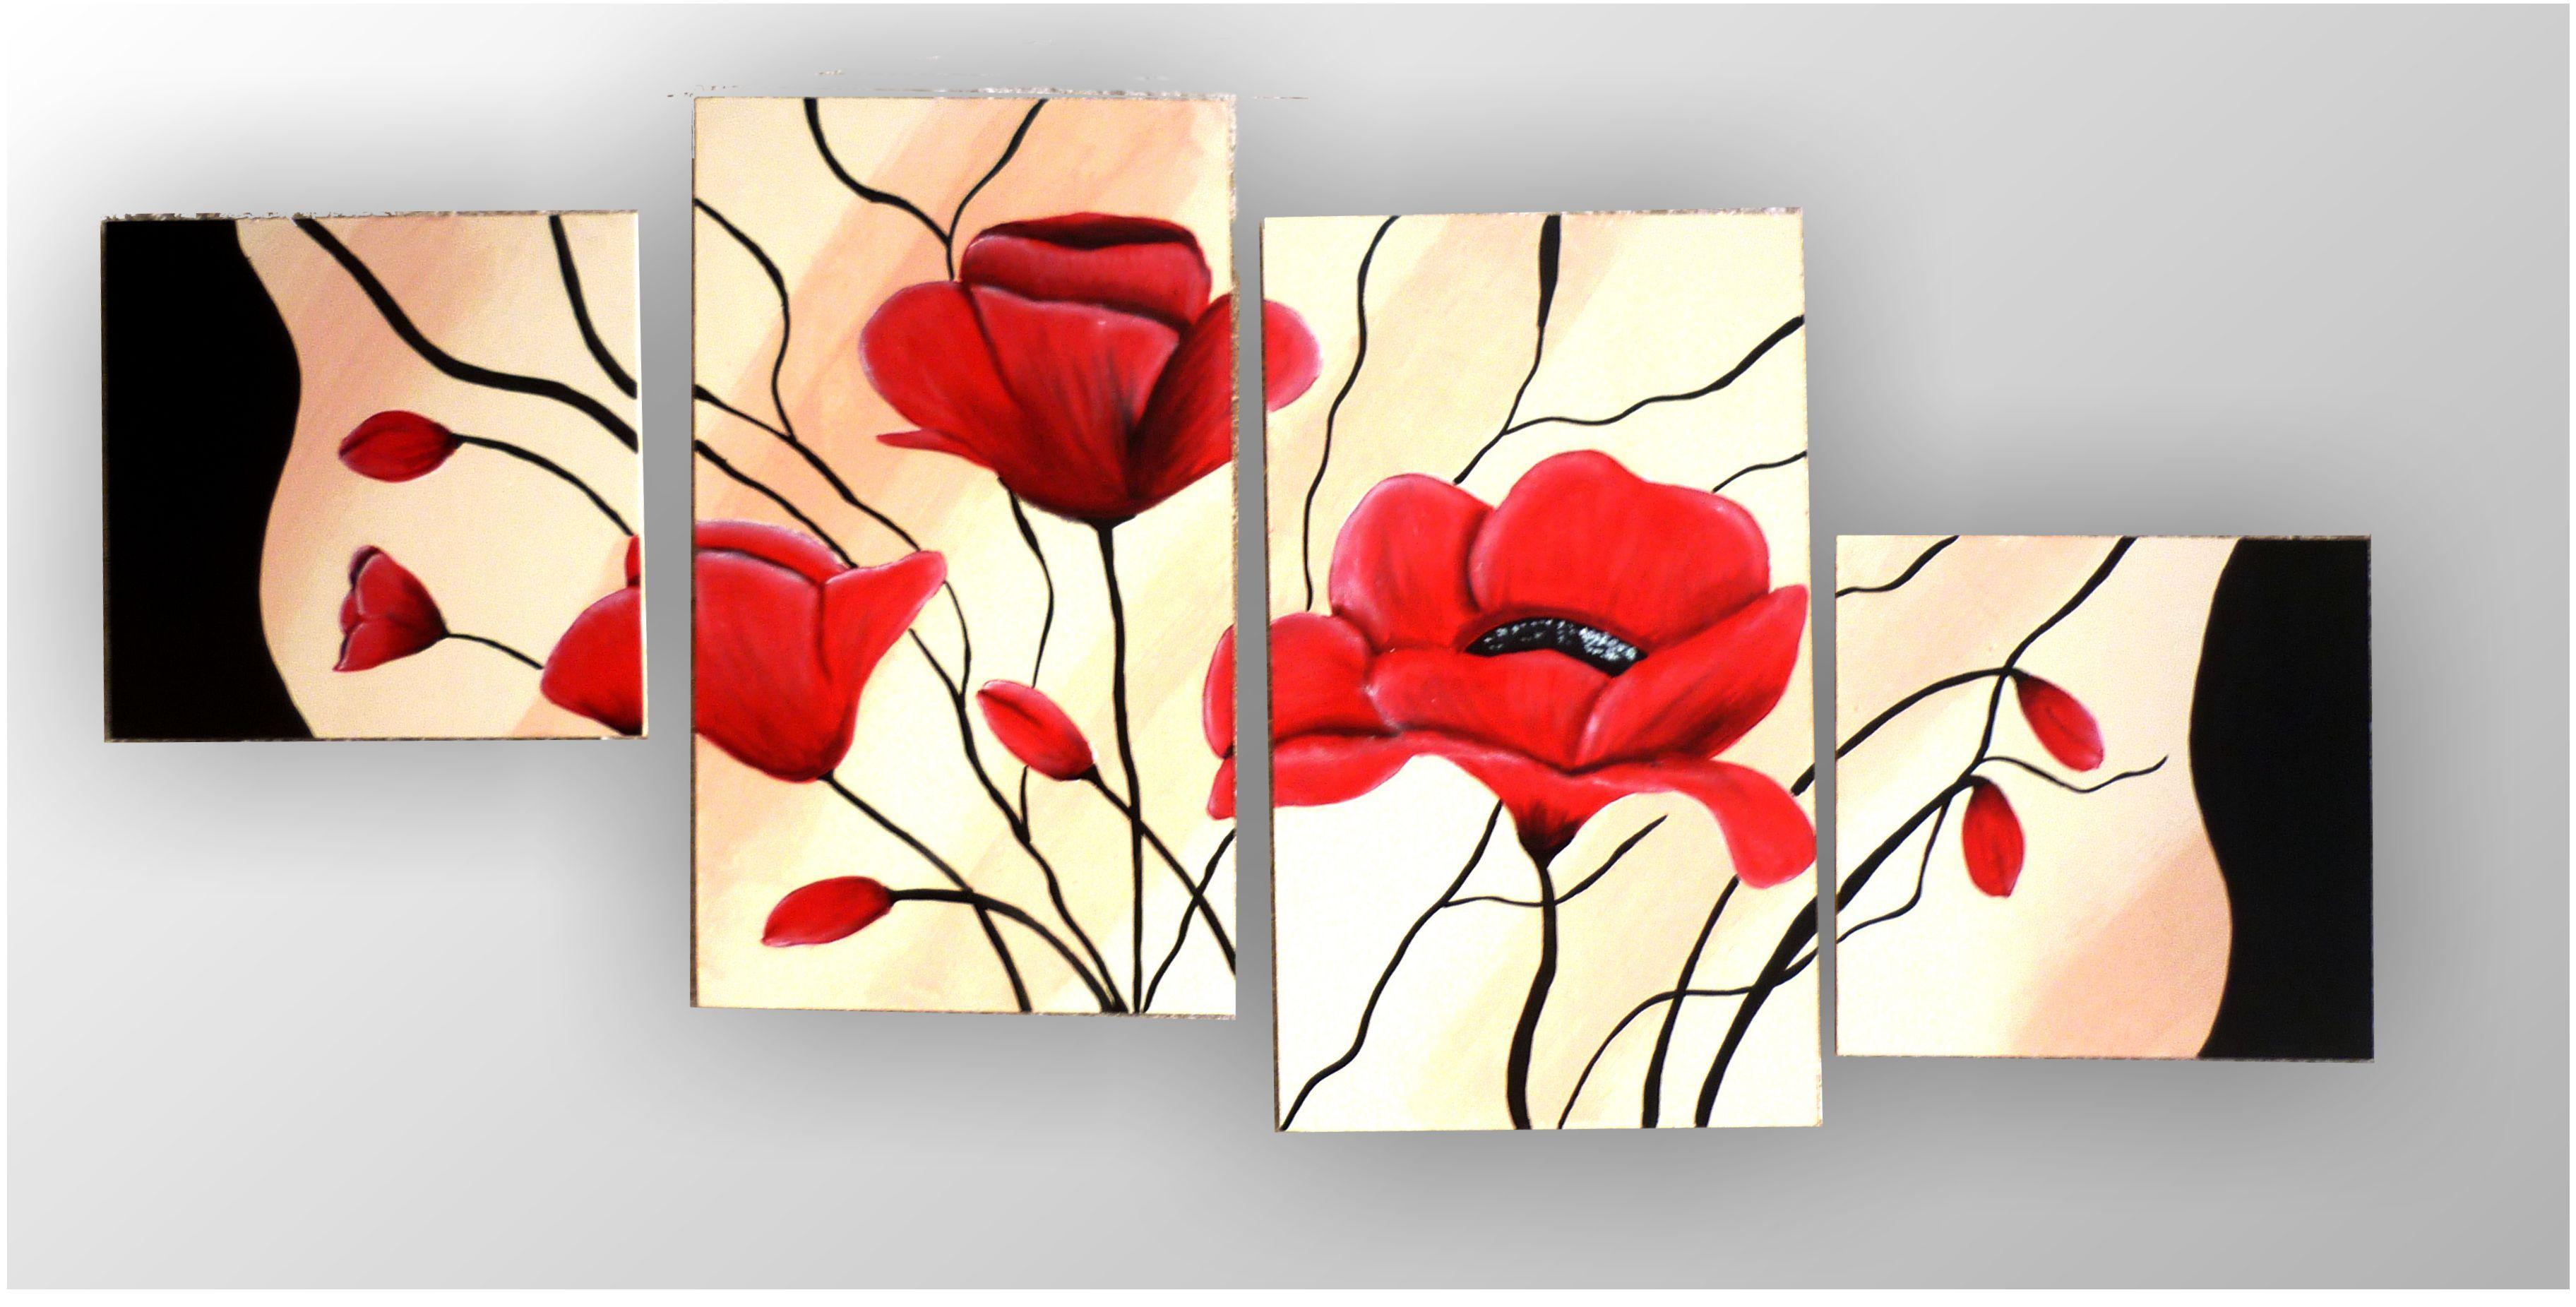 Cuadros modernos con flores pictures imagenes 2016 for Imagenes de cuadros modernos